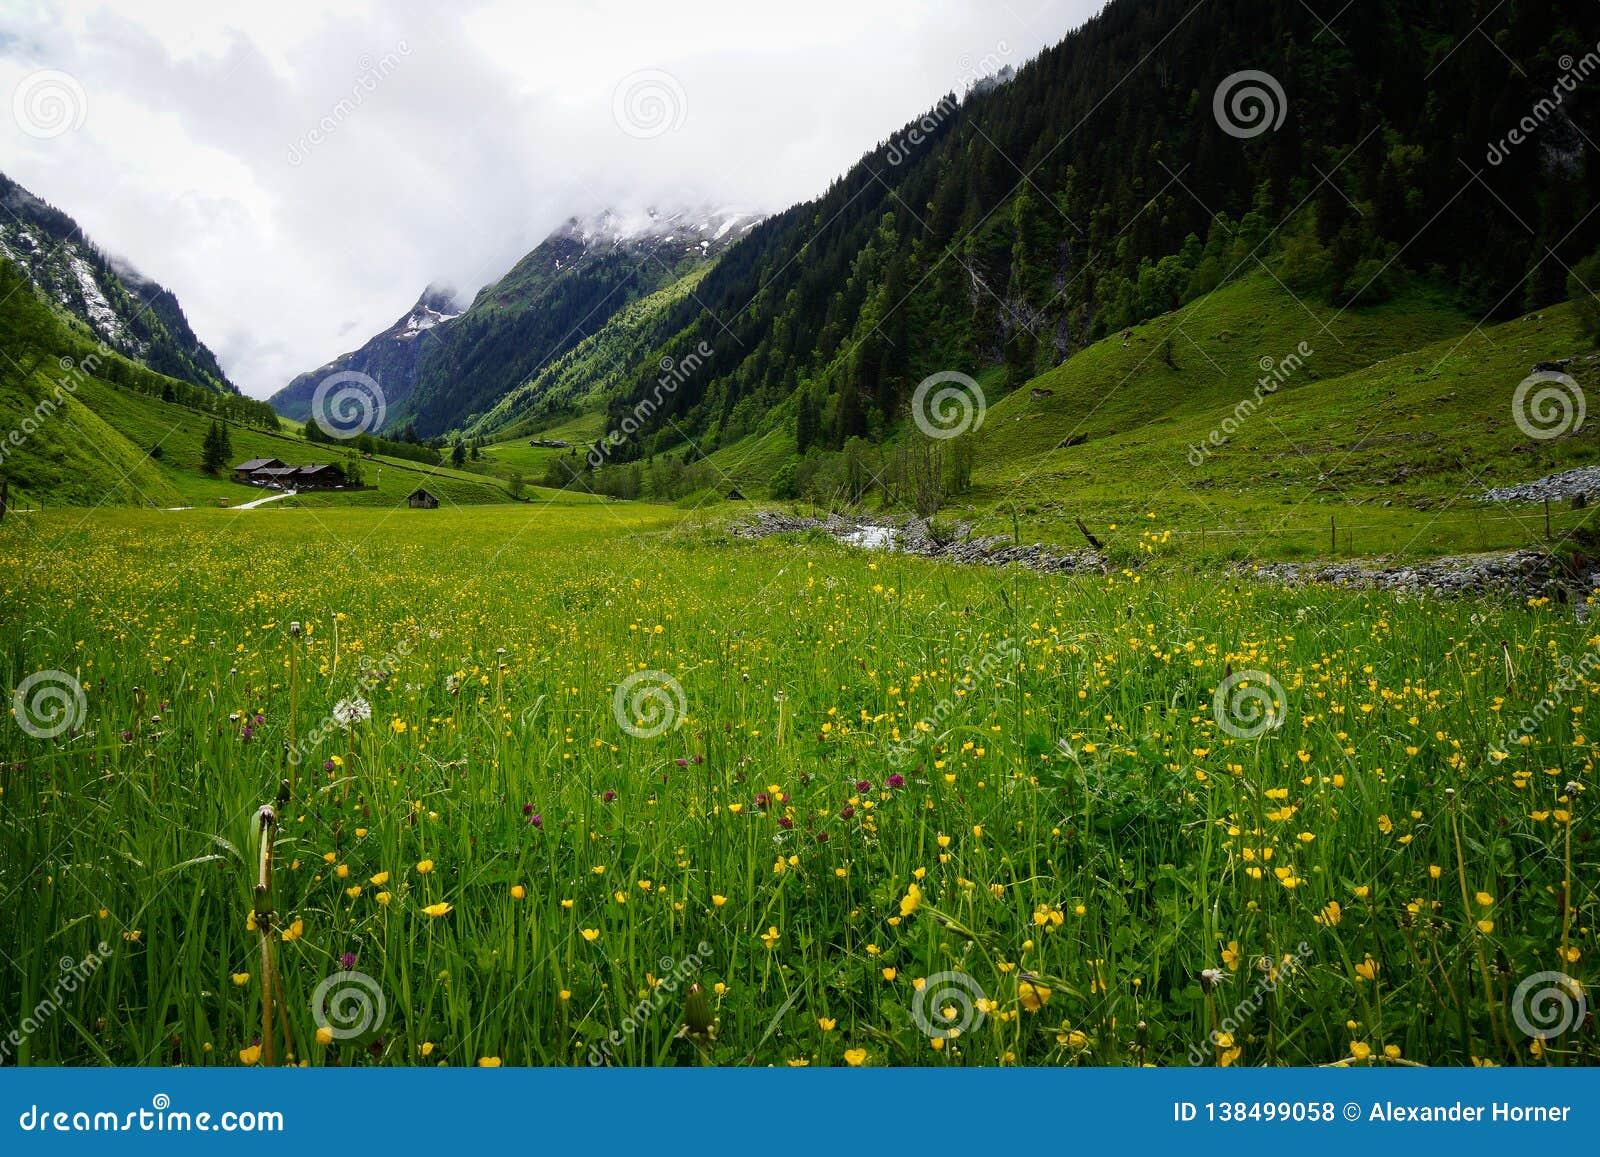 Луг в горных вершинах перед горой